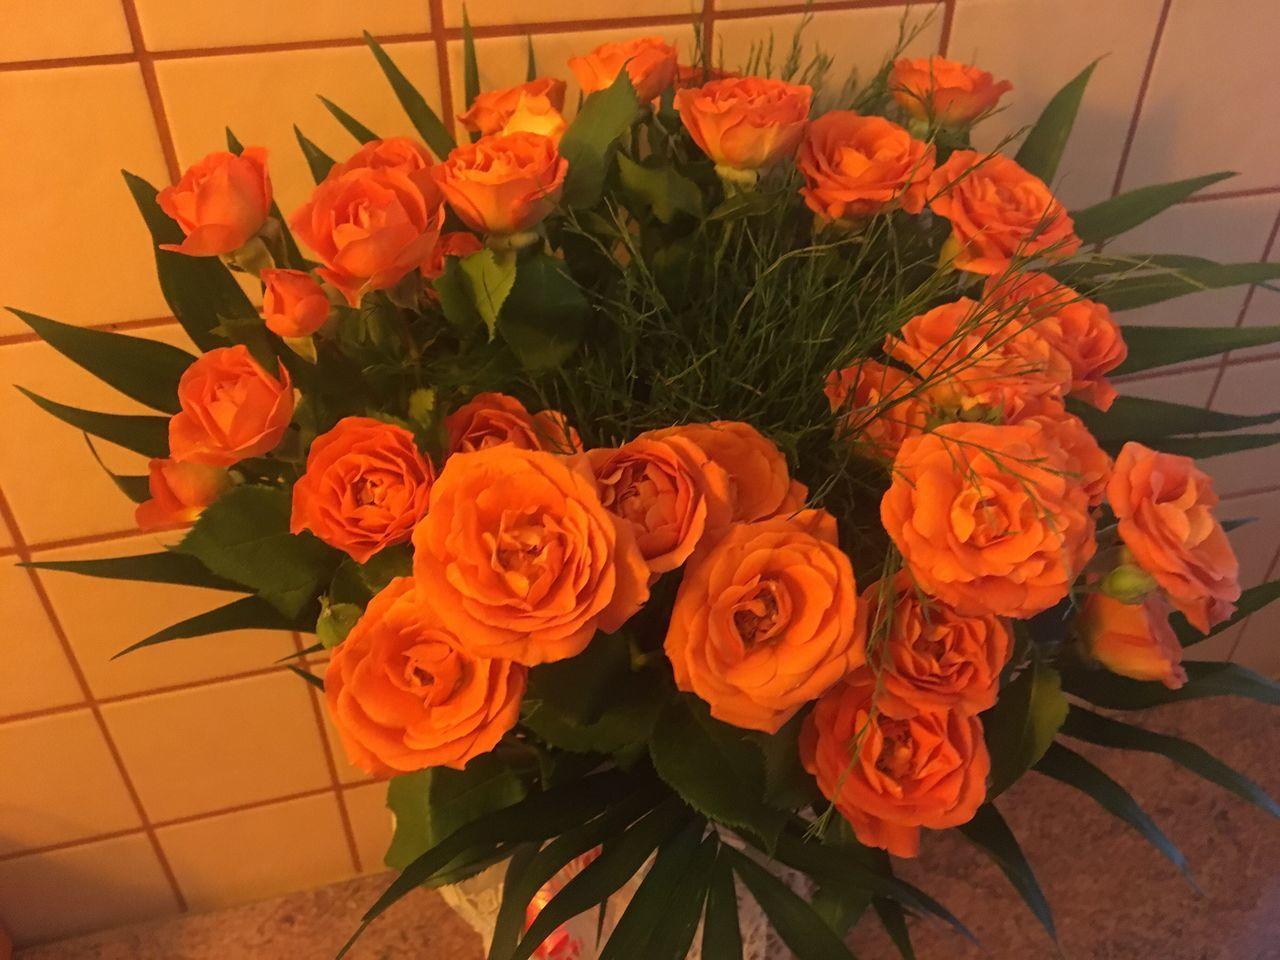 Roses Orange Color Buquet Flower